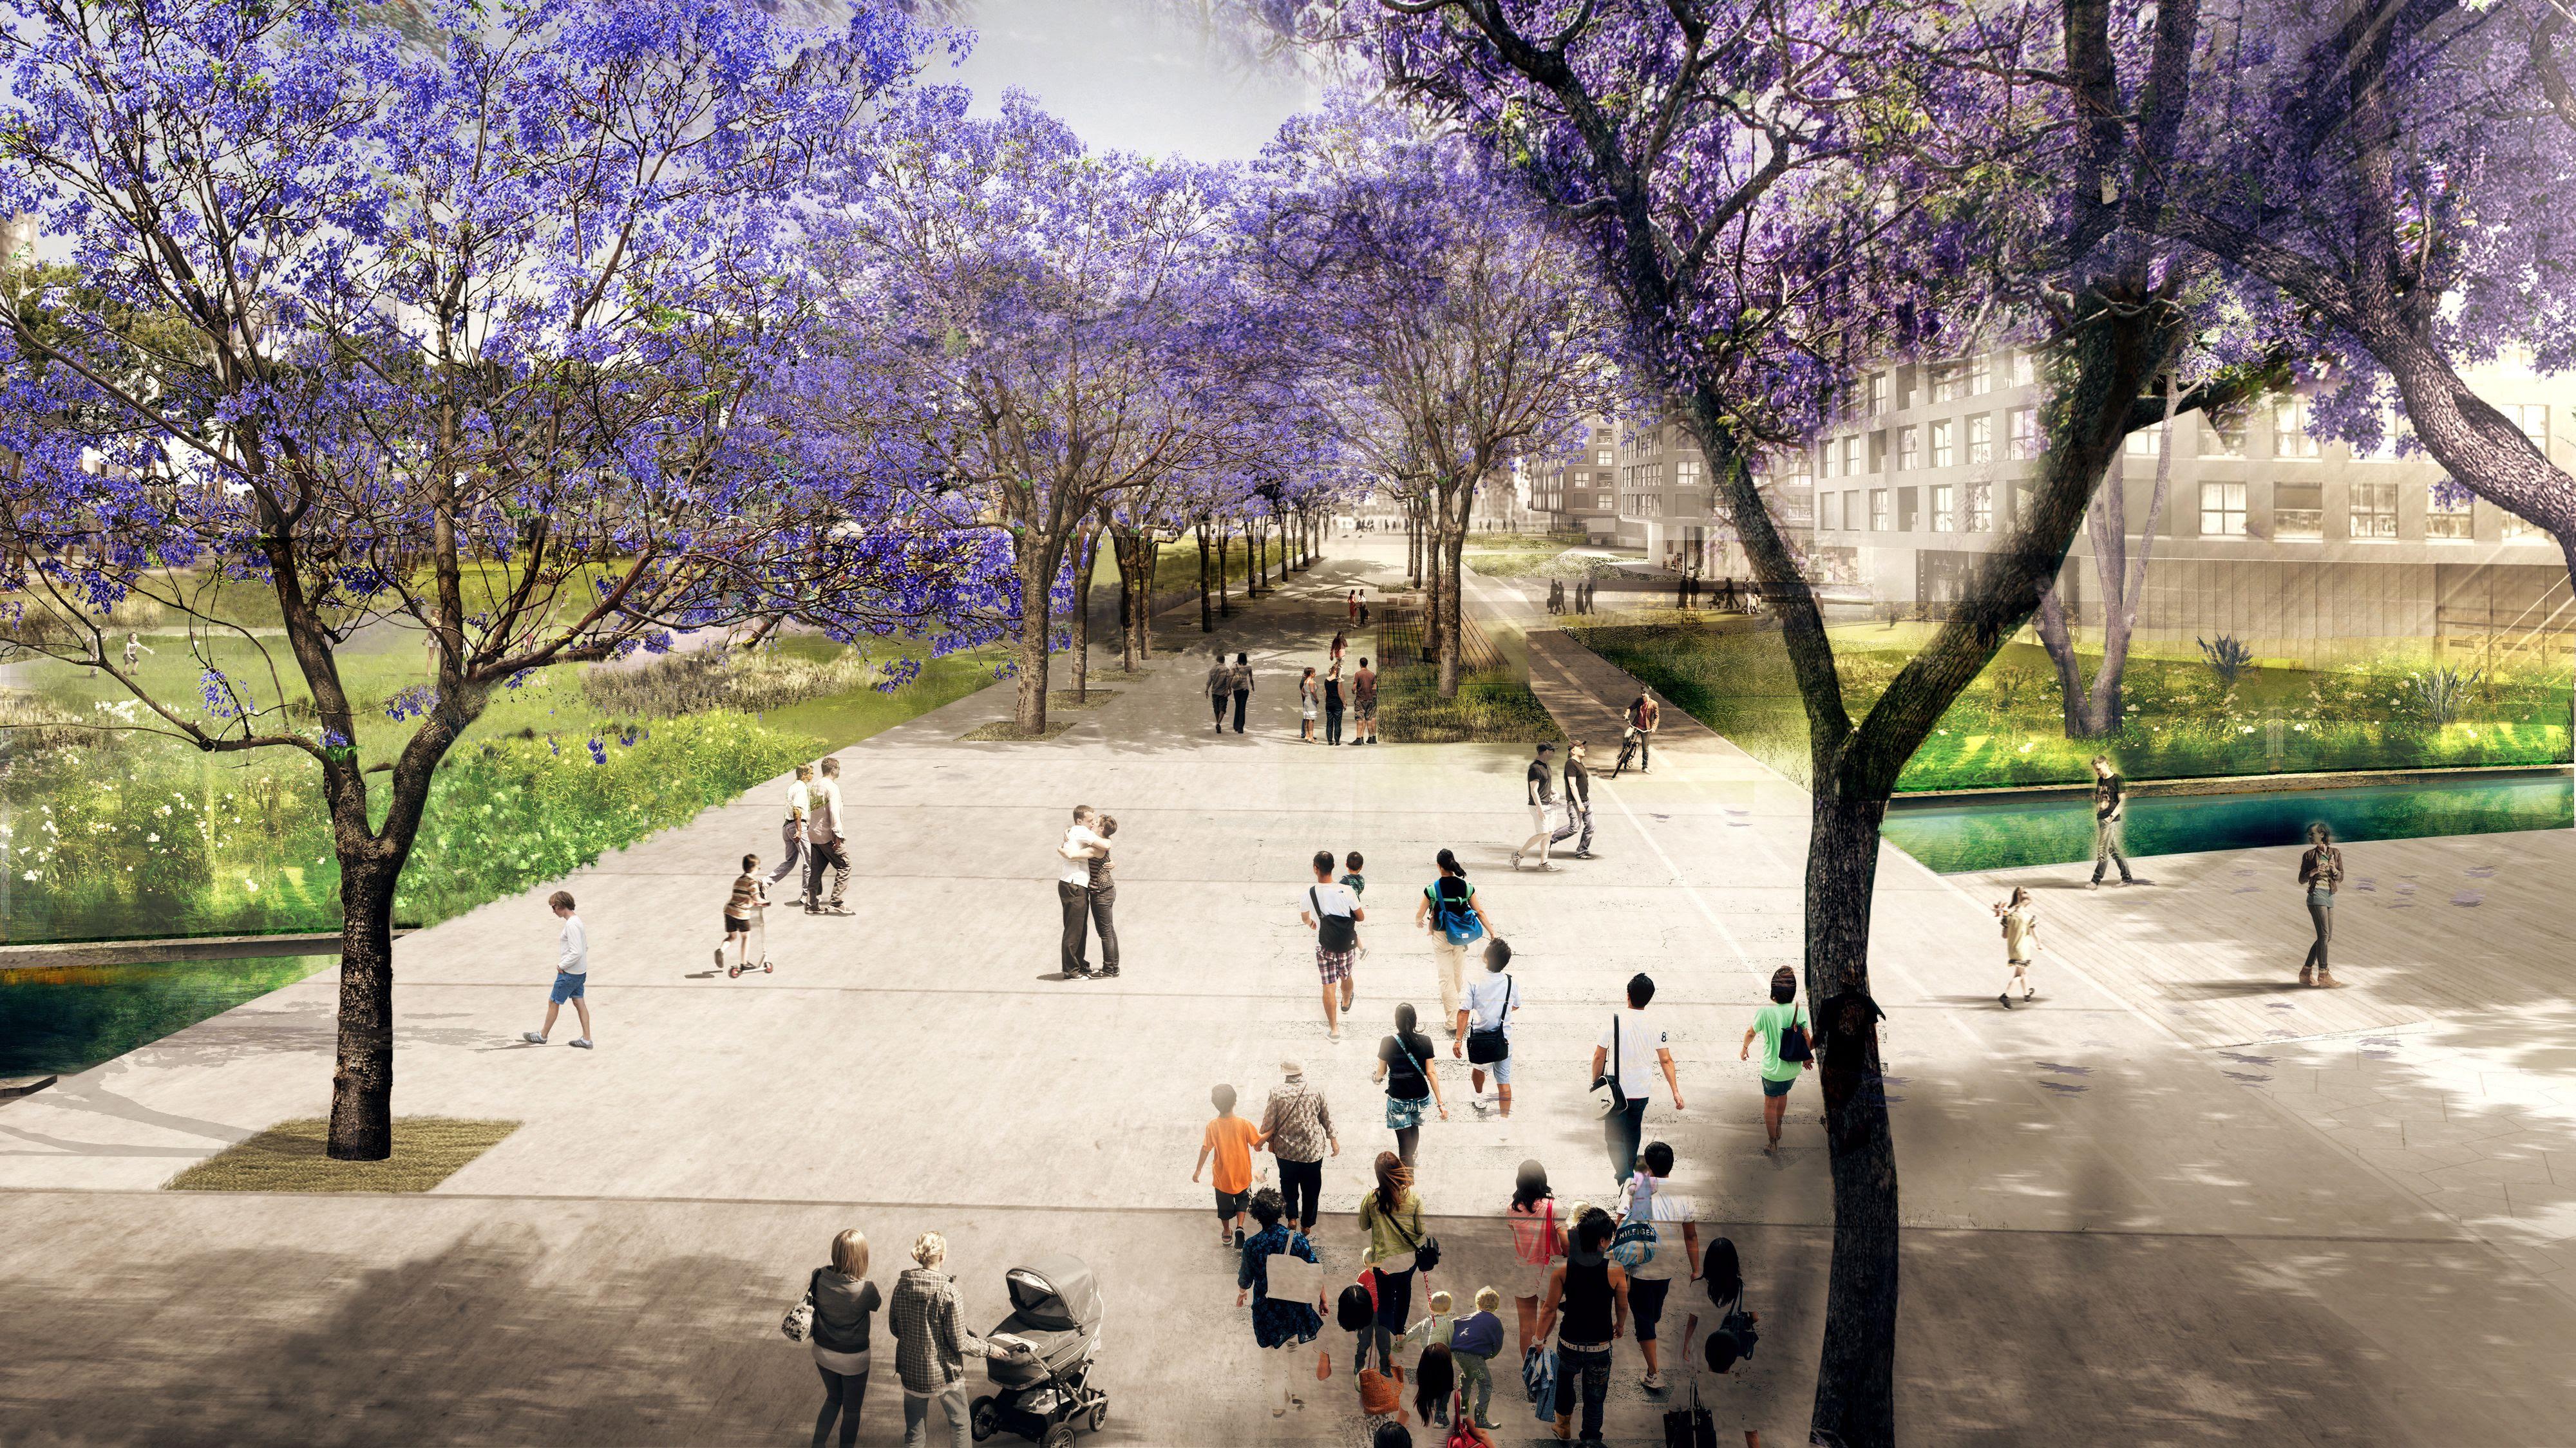 El nuevo parque estará abierto las 24 horas, excepto algunas zonas que se protegerán con zonas horarias / Ajuntament de Barcelona